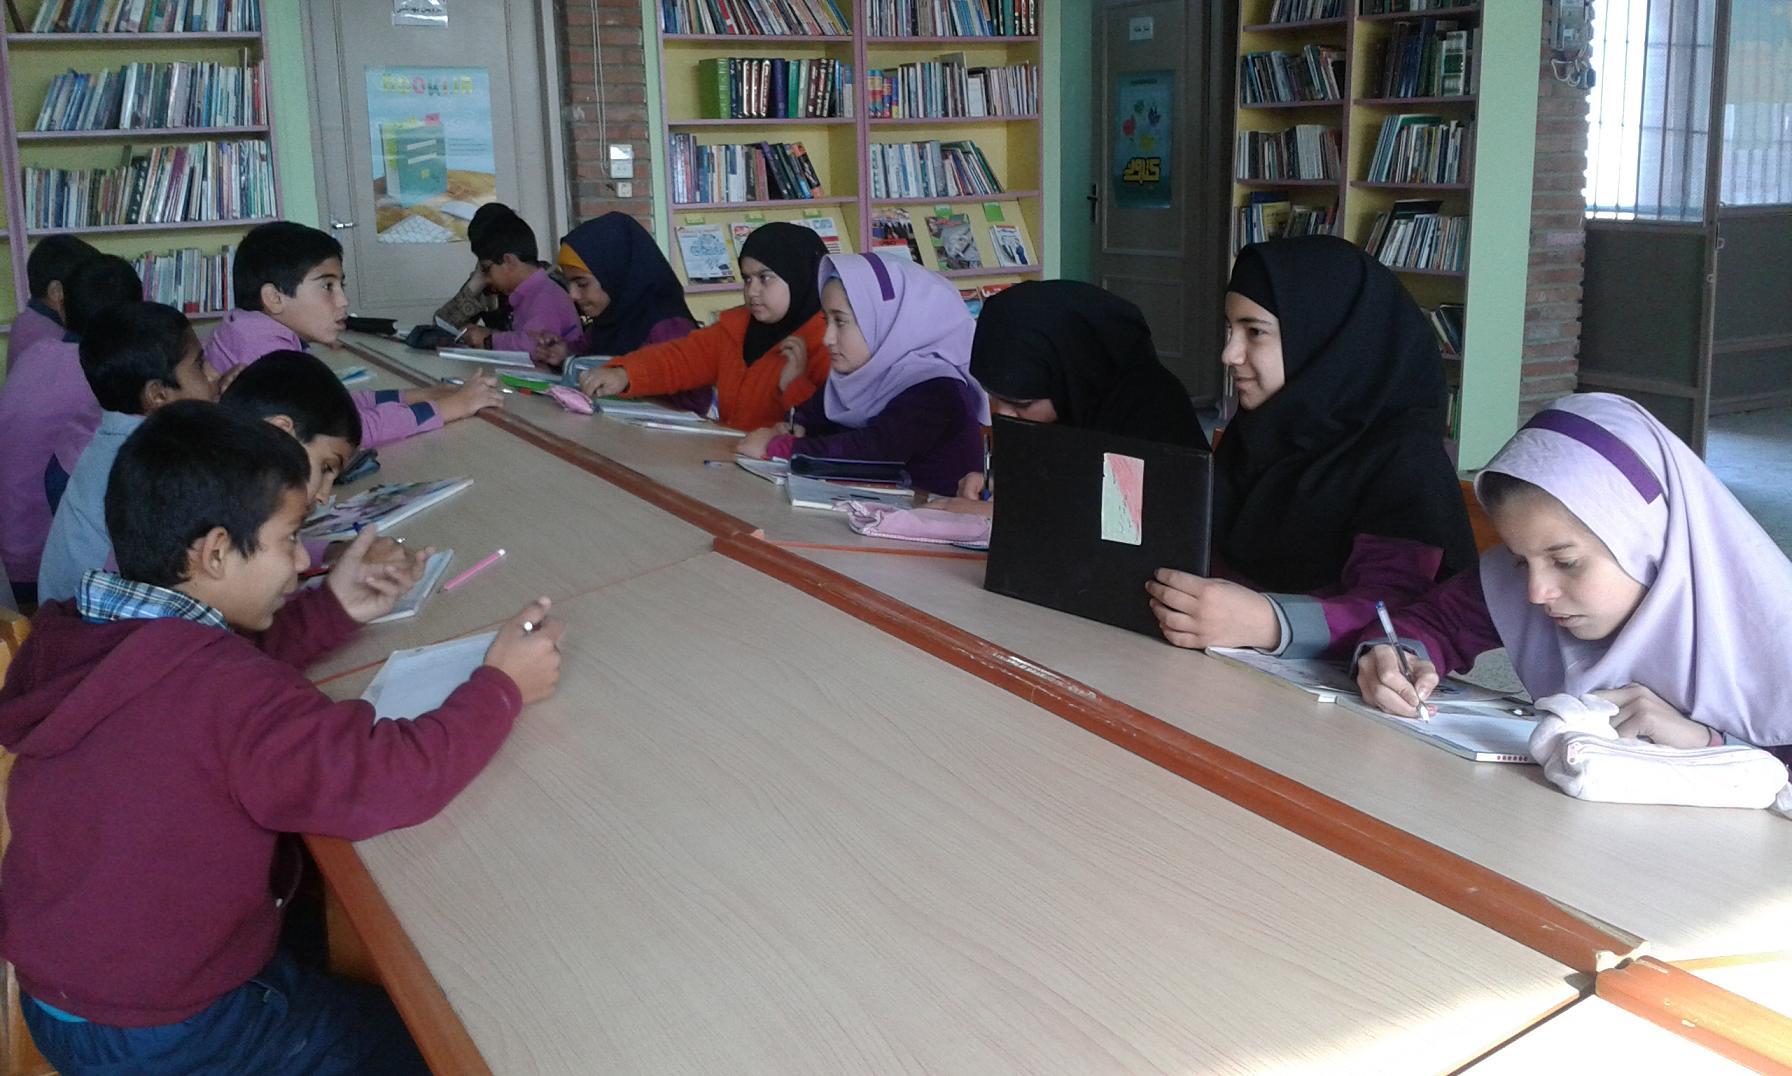 برگزاری مسابقه نویسندگی در هفته کتاب،کتابخانه ثامن الحجج (ع)